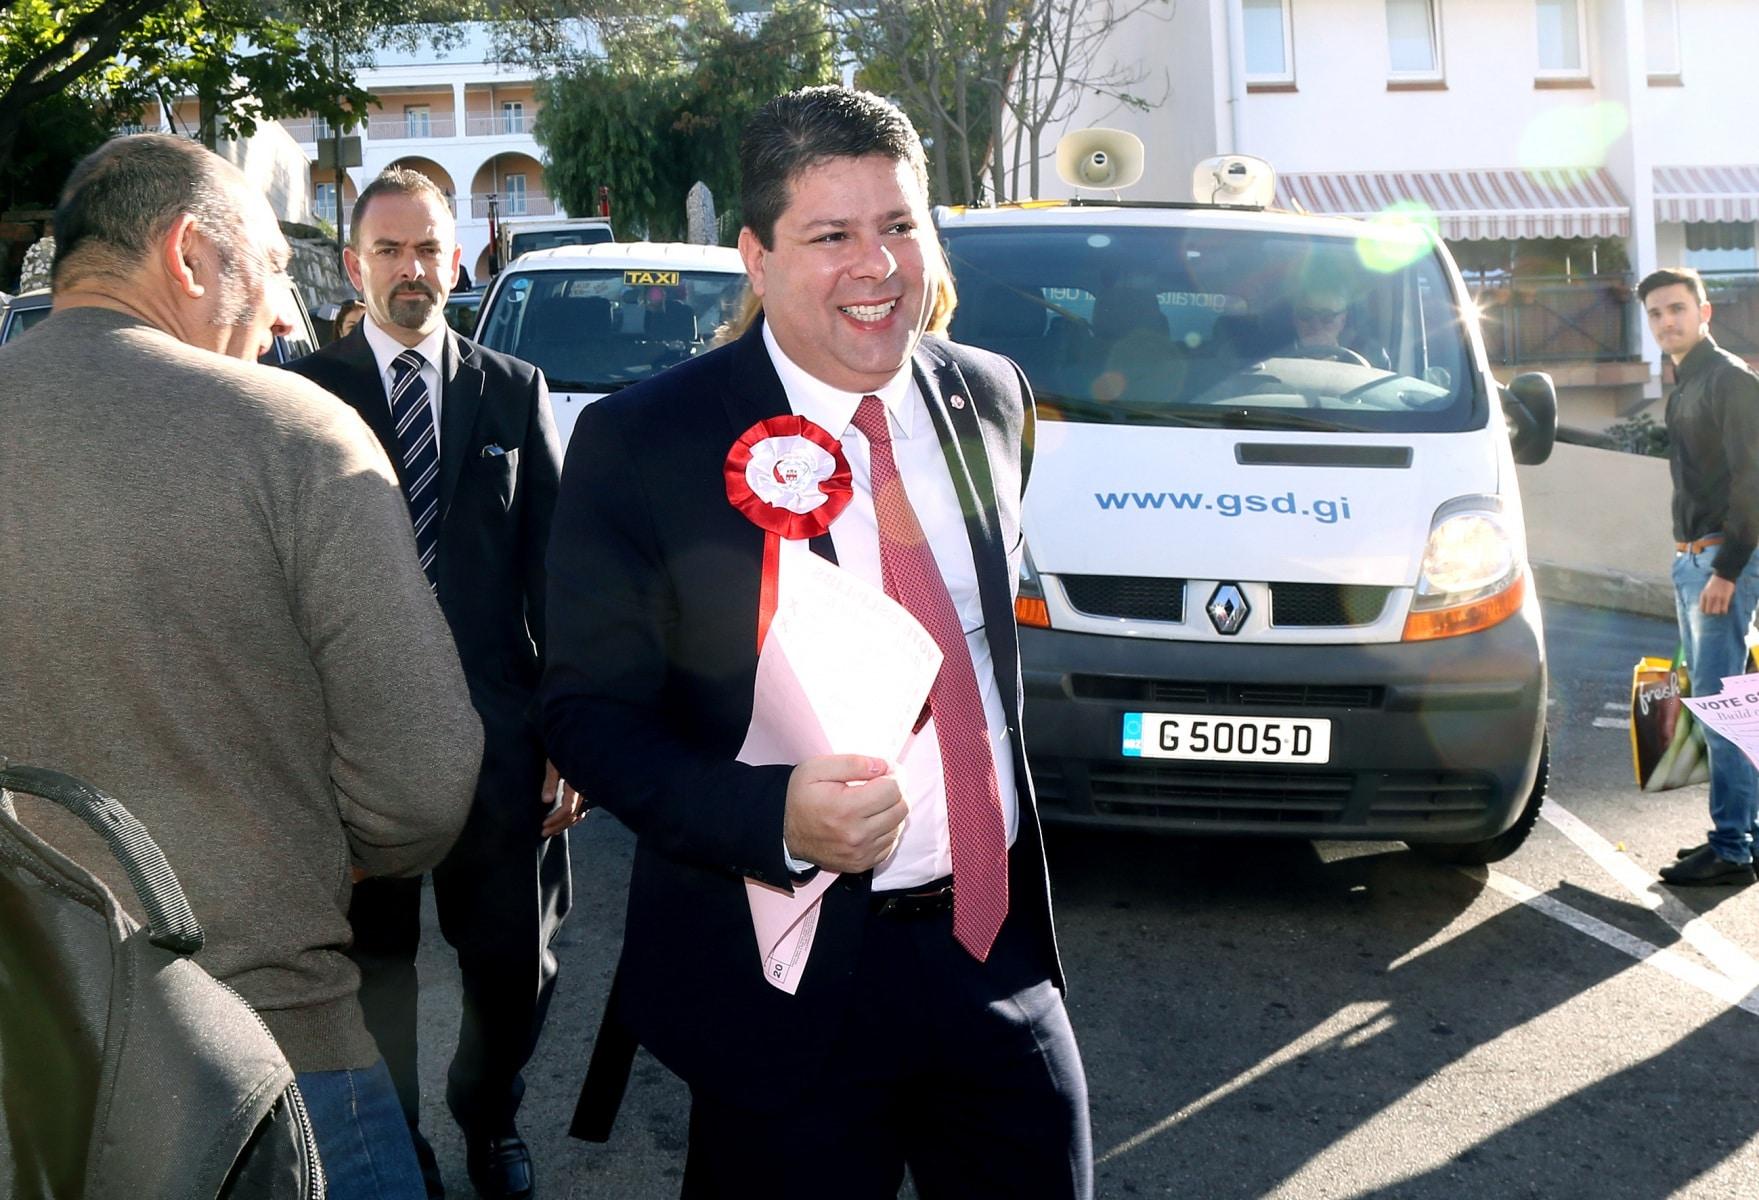 elecciones-generales-gibraltar-26-de-noviembre-de-2015_23242706421_o